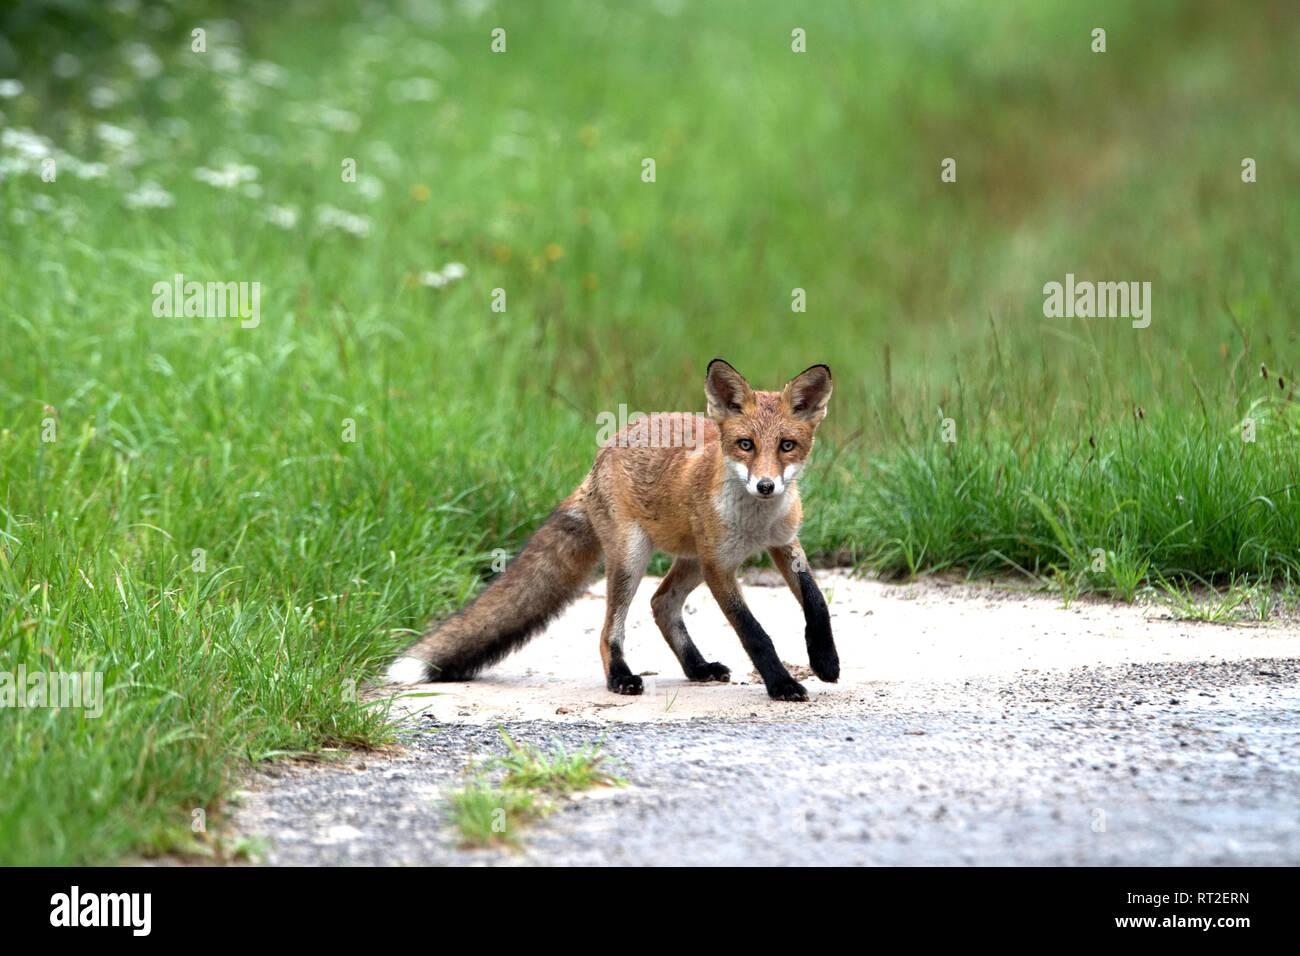 Europeo, Fox Fox, Fox in aprile, fox cuccioli, volpi, doggy, Jung fox, di Jung fox in vicinanza di costruzione, di Jung volpi, astuti fox, predator, pur Immagini Stock